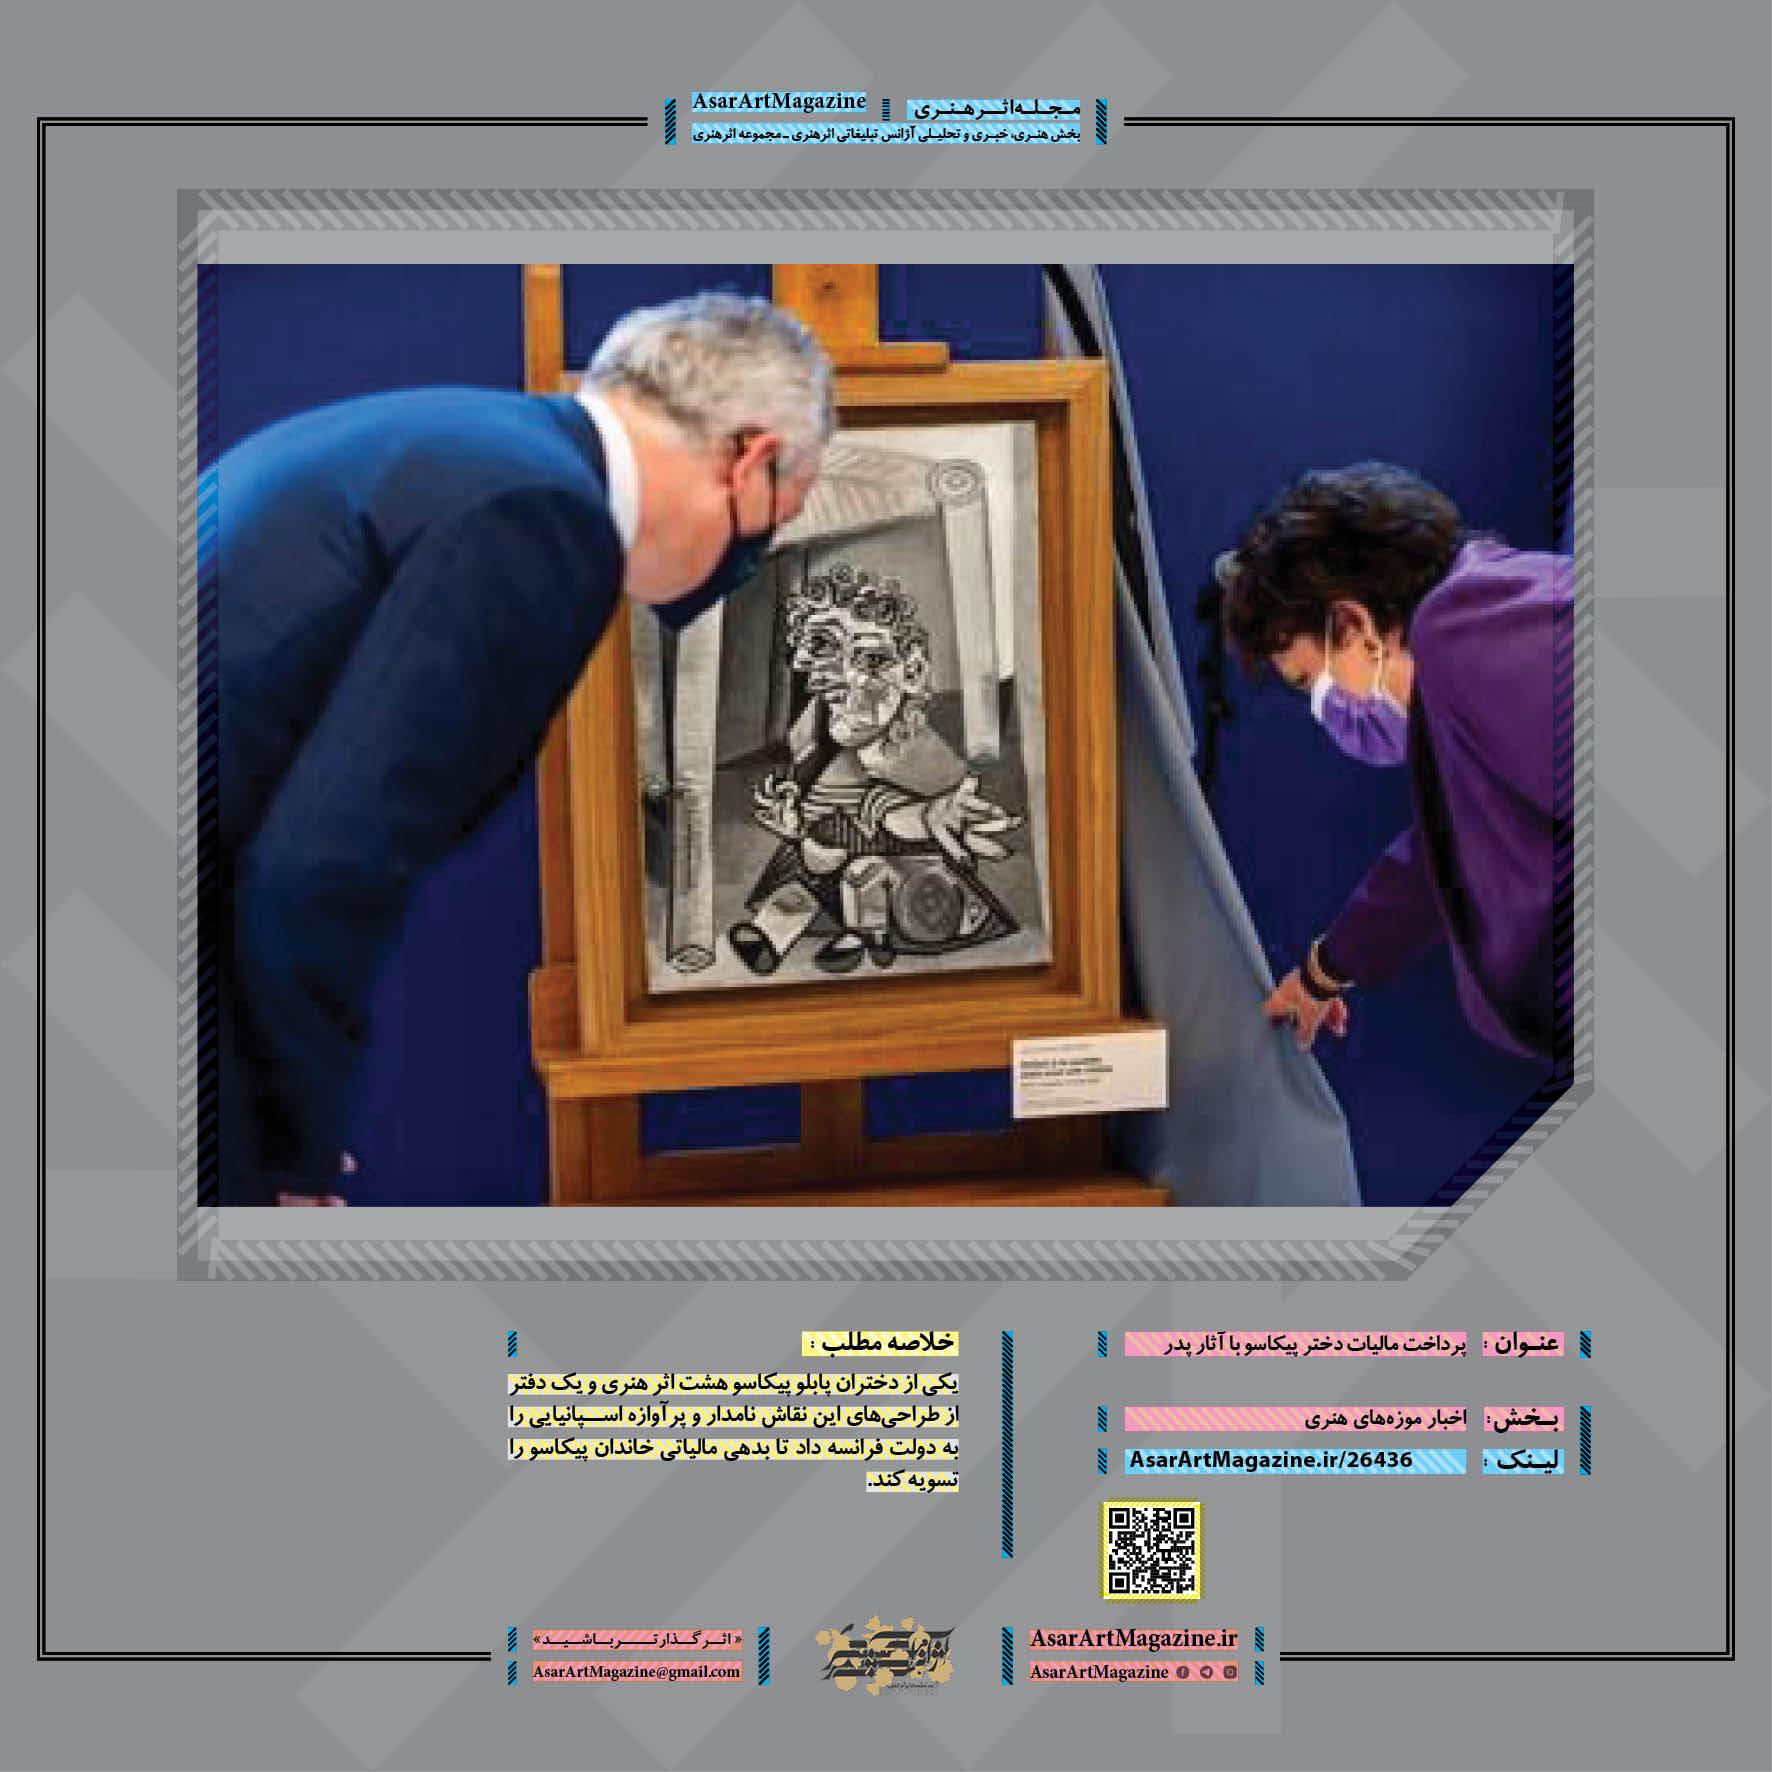 پرداخت مالیات دختر پیکاسو با آثار پدر     مجله اثرهنری، بخش هنری، خبری و تحلیلی مجموعه اثرهنری   مجله اثر هنری ـ «اثرگذارتر باشید»